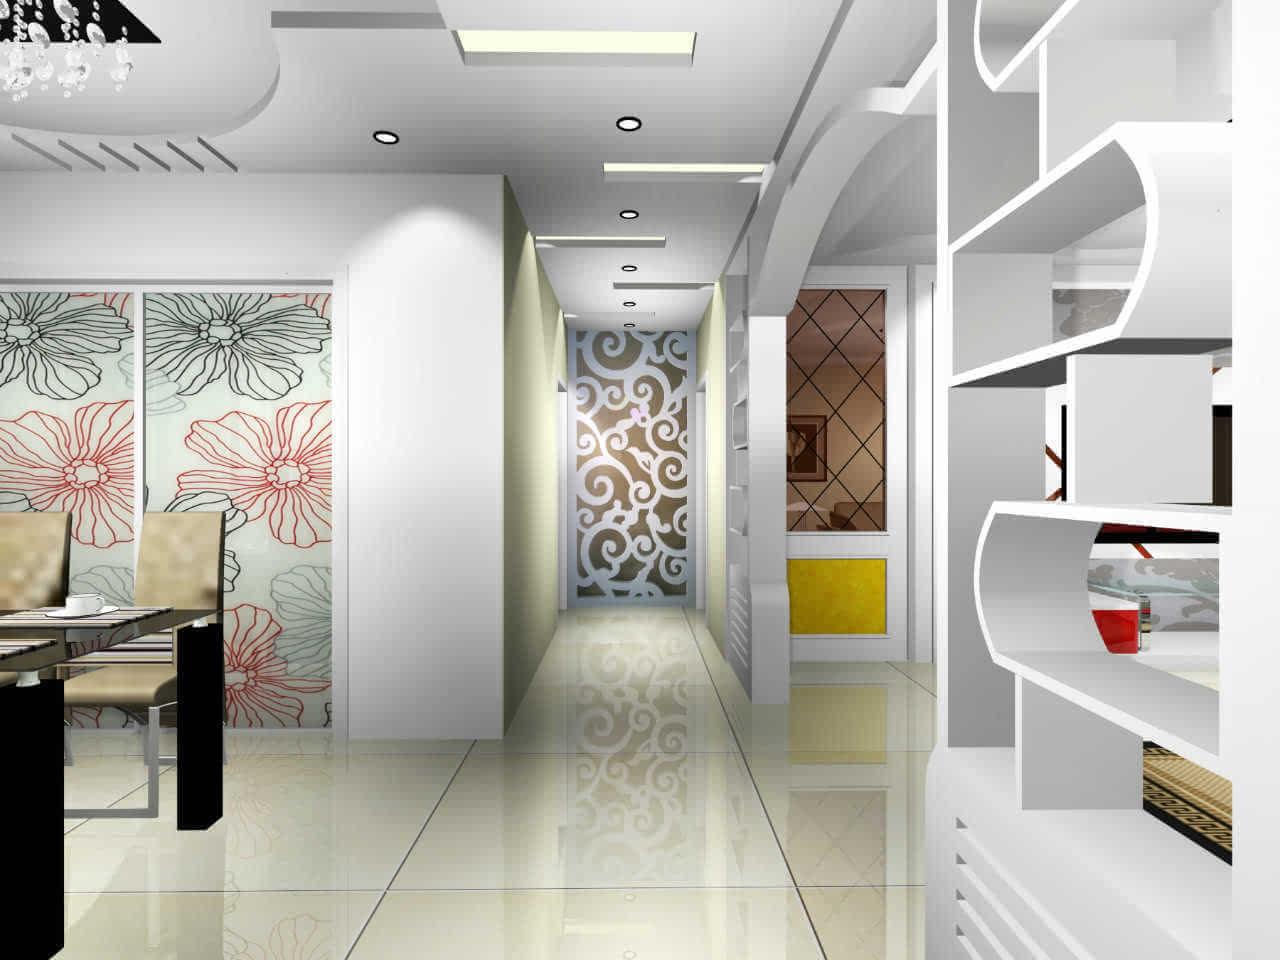 室內裝修十大排名、以及室內裝修流程和注意事項